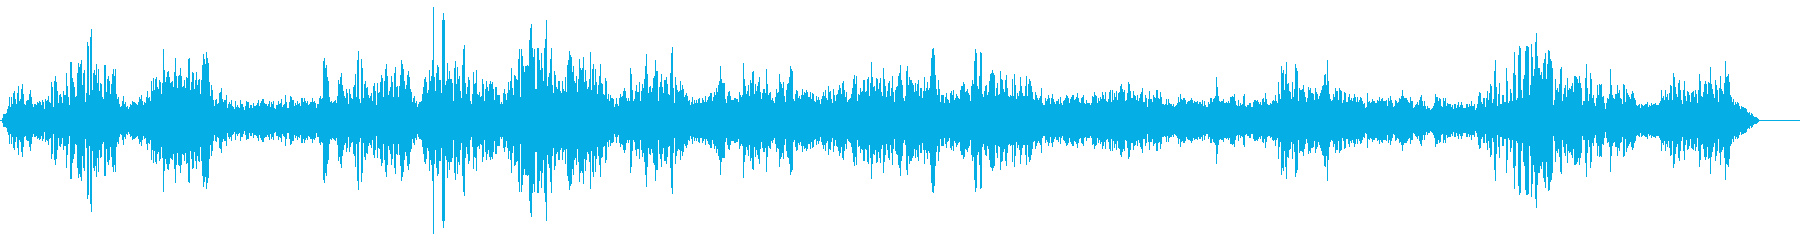 ストリートトレーダー-売り-ライブの再生済みの波形